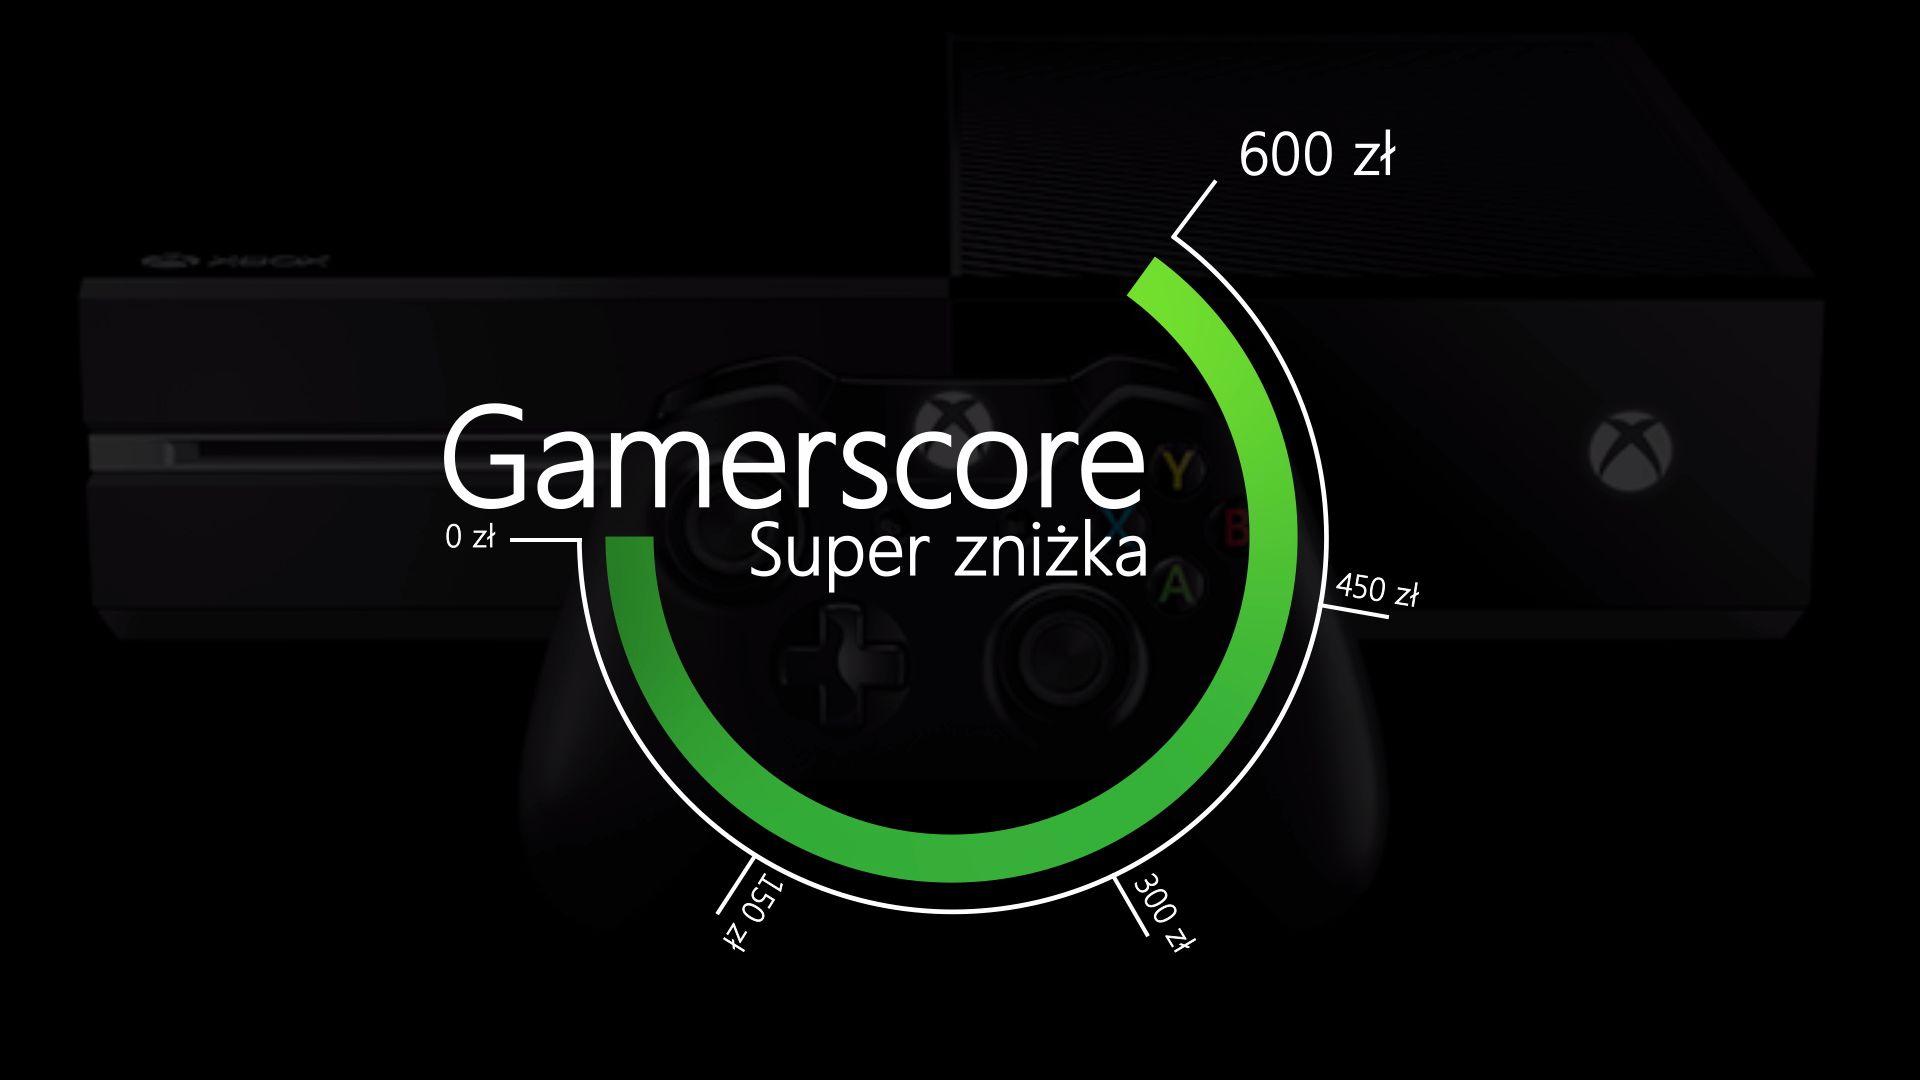 Super Zniżka za Gamerscore  a